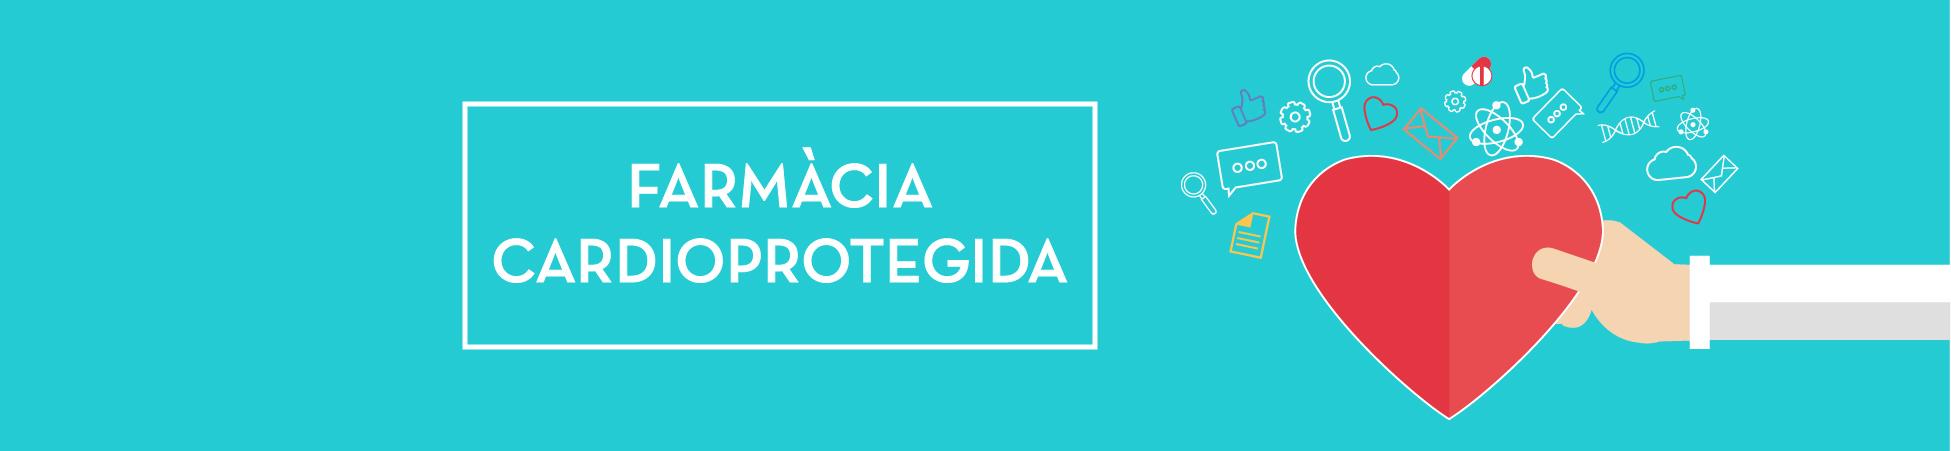 Farmàcia Cardioprotegida-03